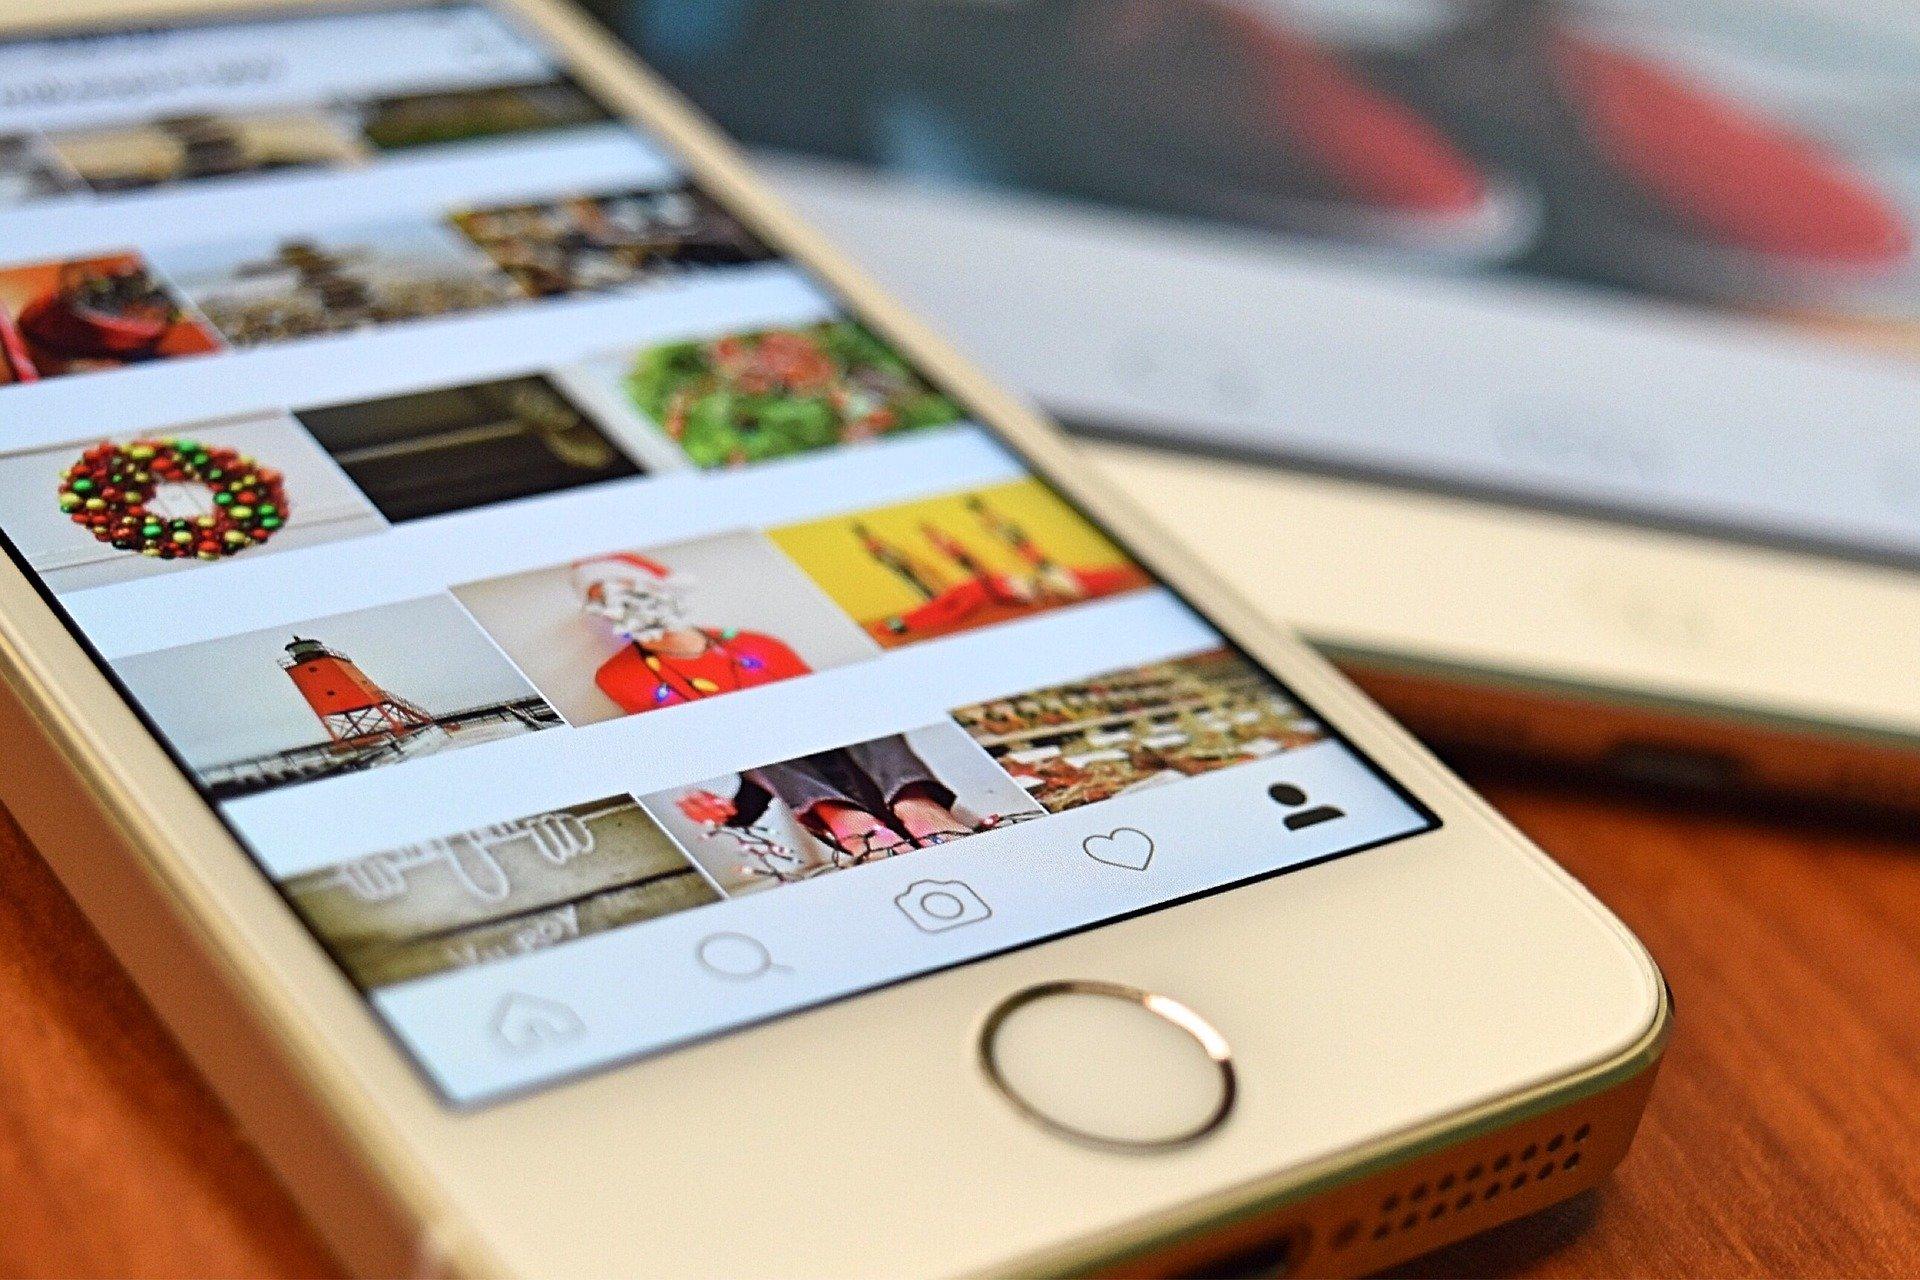 Los «destacados» de Instagram, un gran baúl en el que almacenar tu contenido más relevante